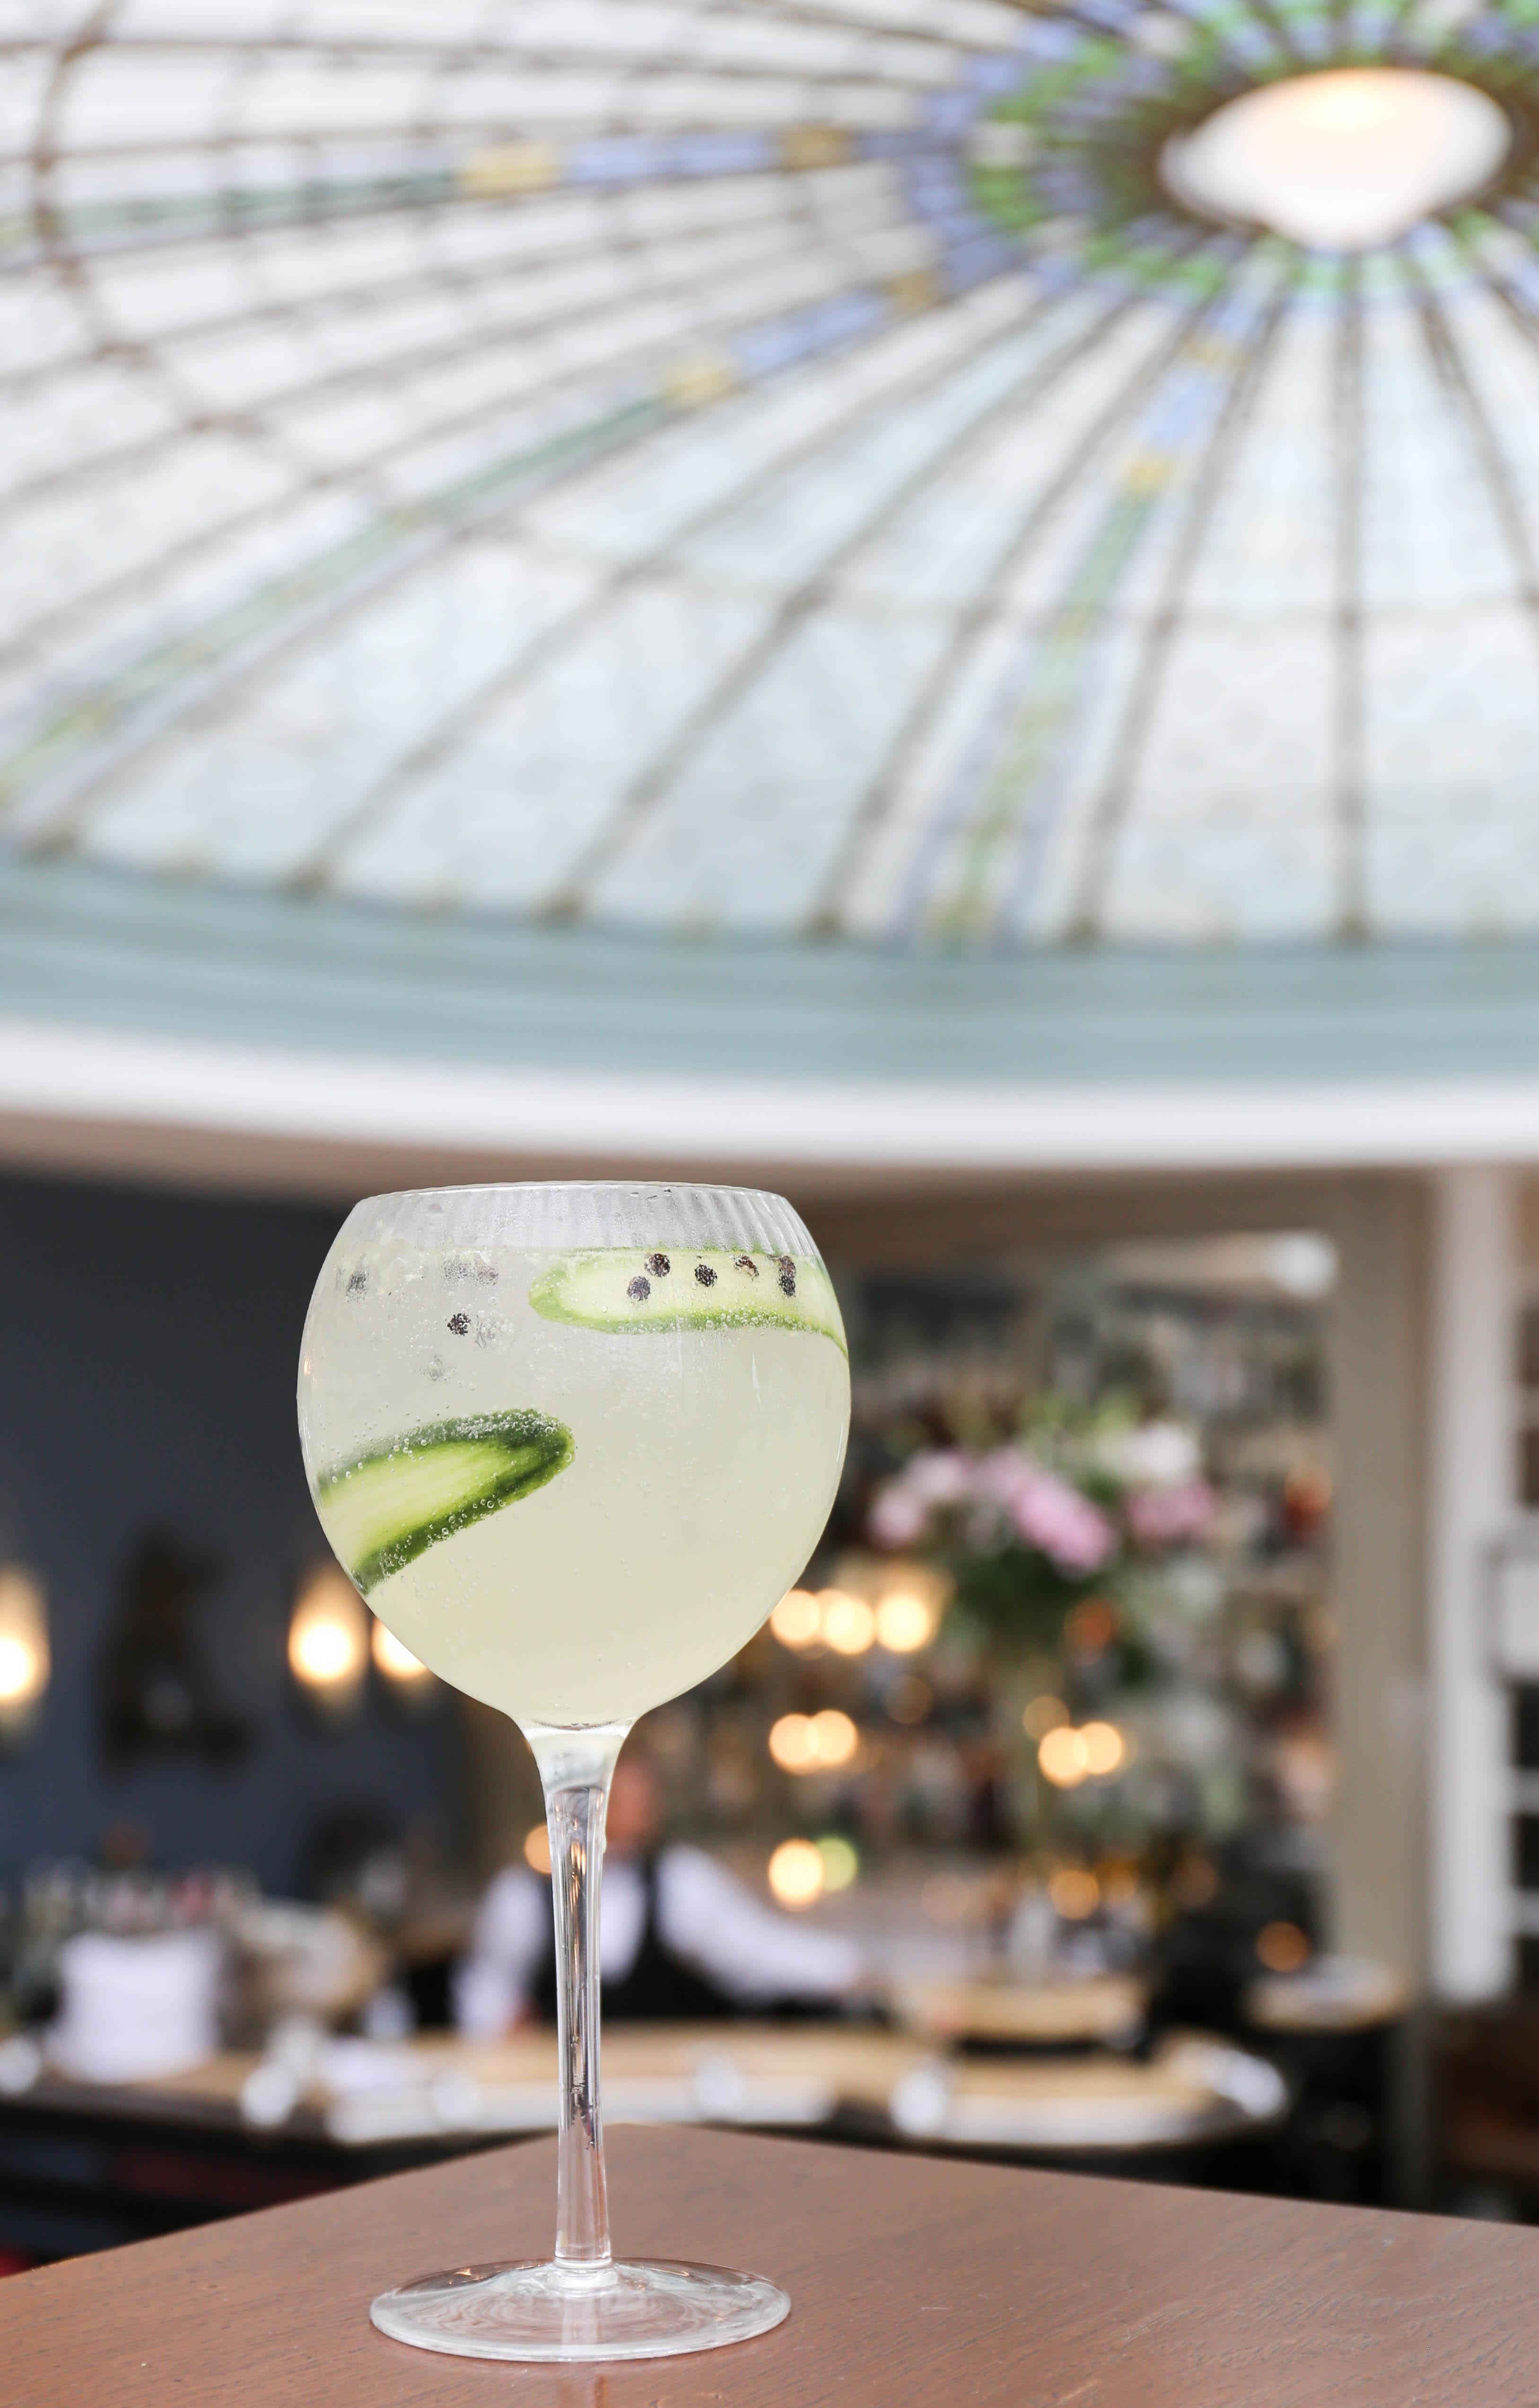 Royal Fizz Cove Vodka Cocktail